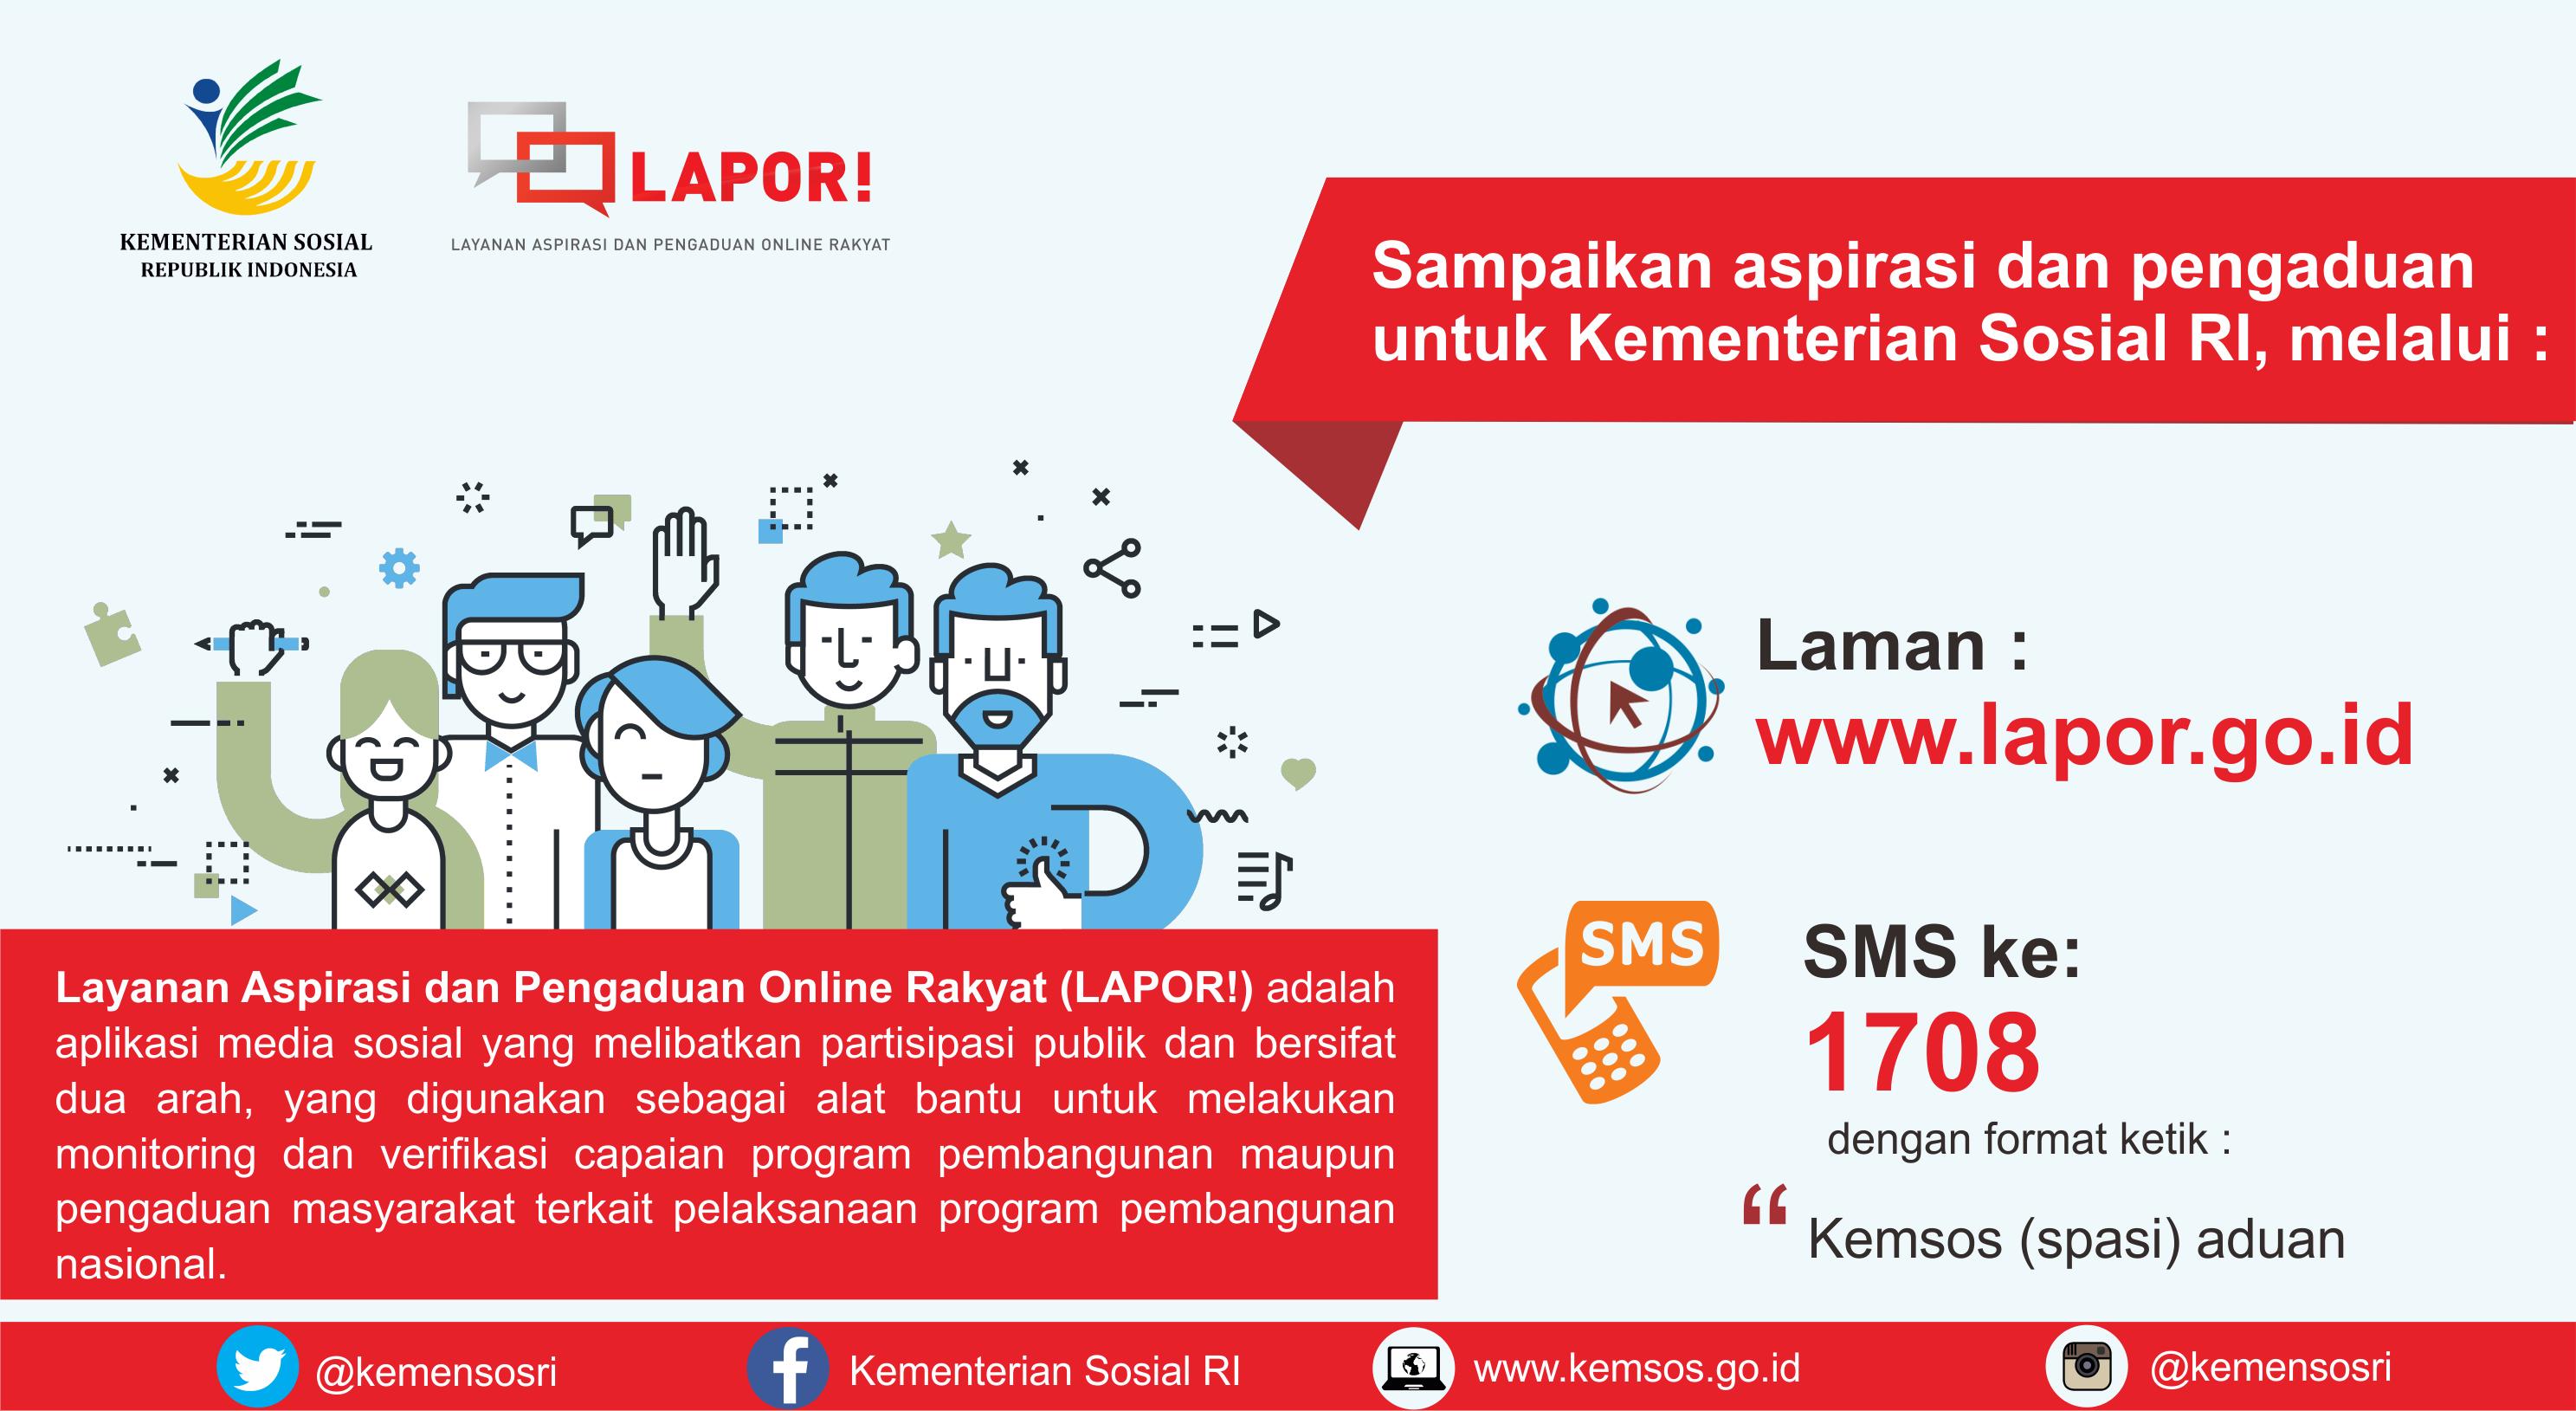 Sampaikan aspirasi dan pengaduan untuk Kementerian Sosial melalui Layanan Aspirasi dan Pengaduan Online Rakyat (LAPOR!)